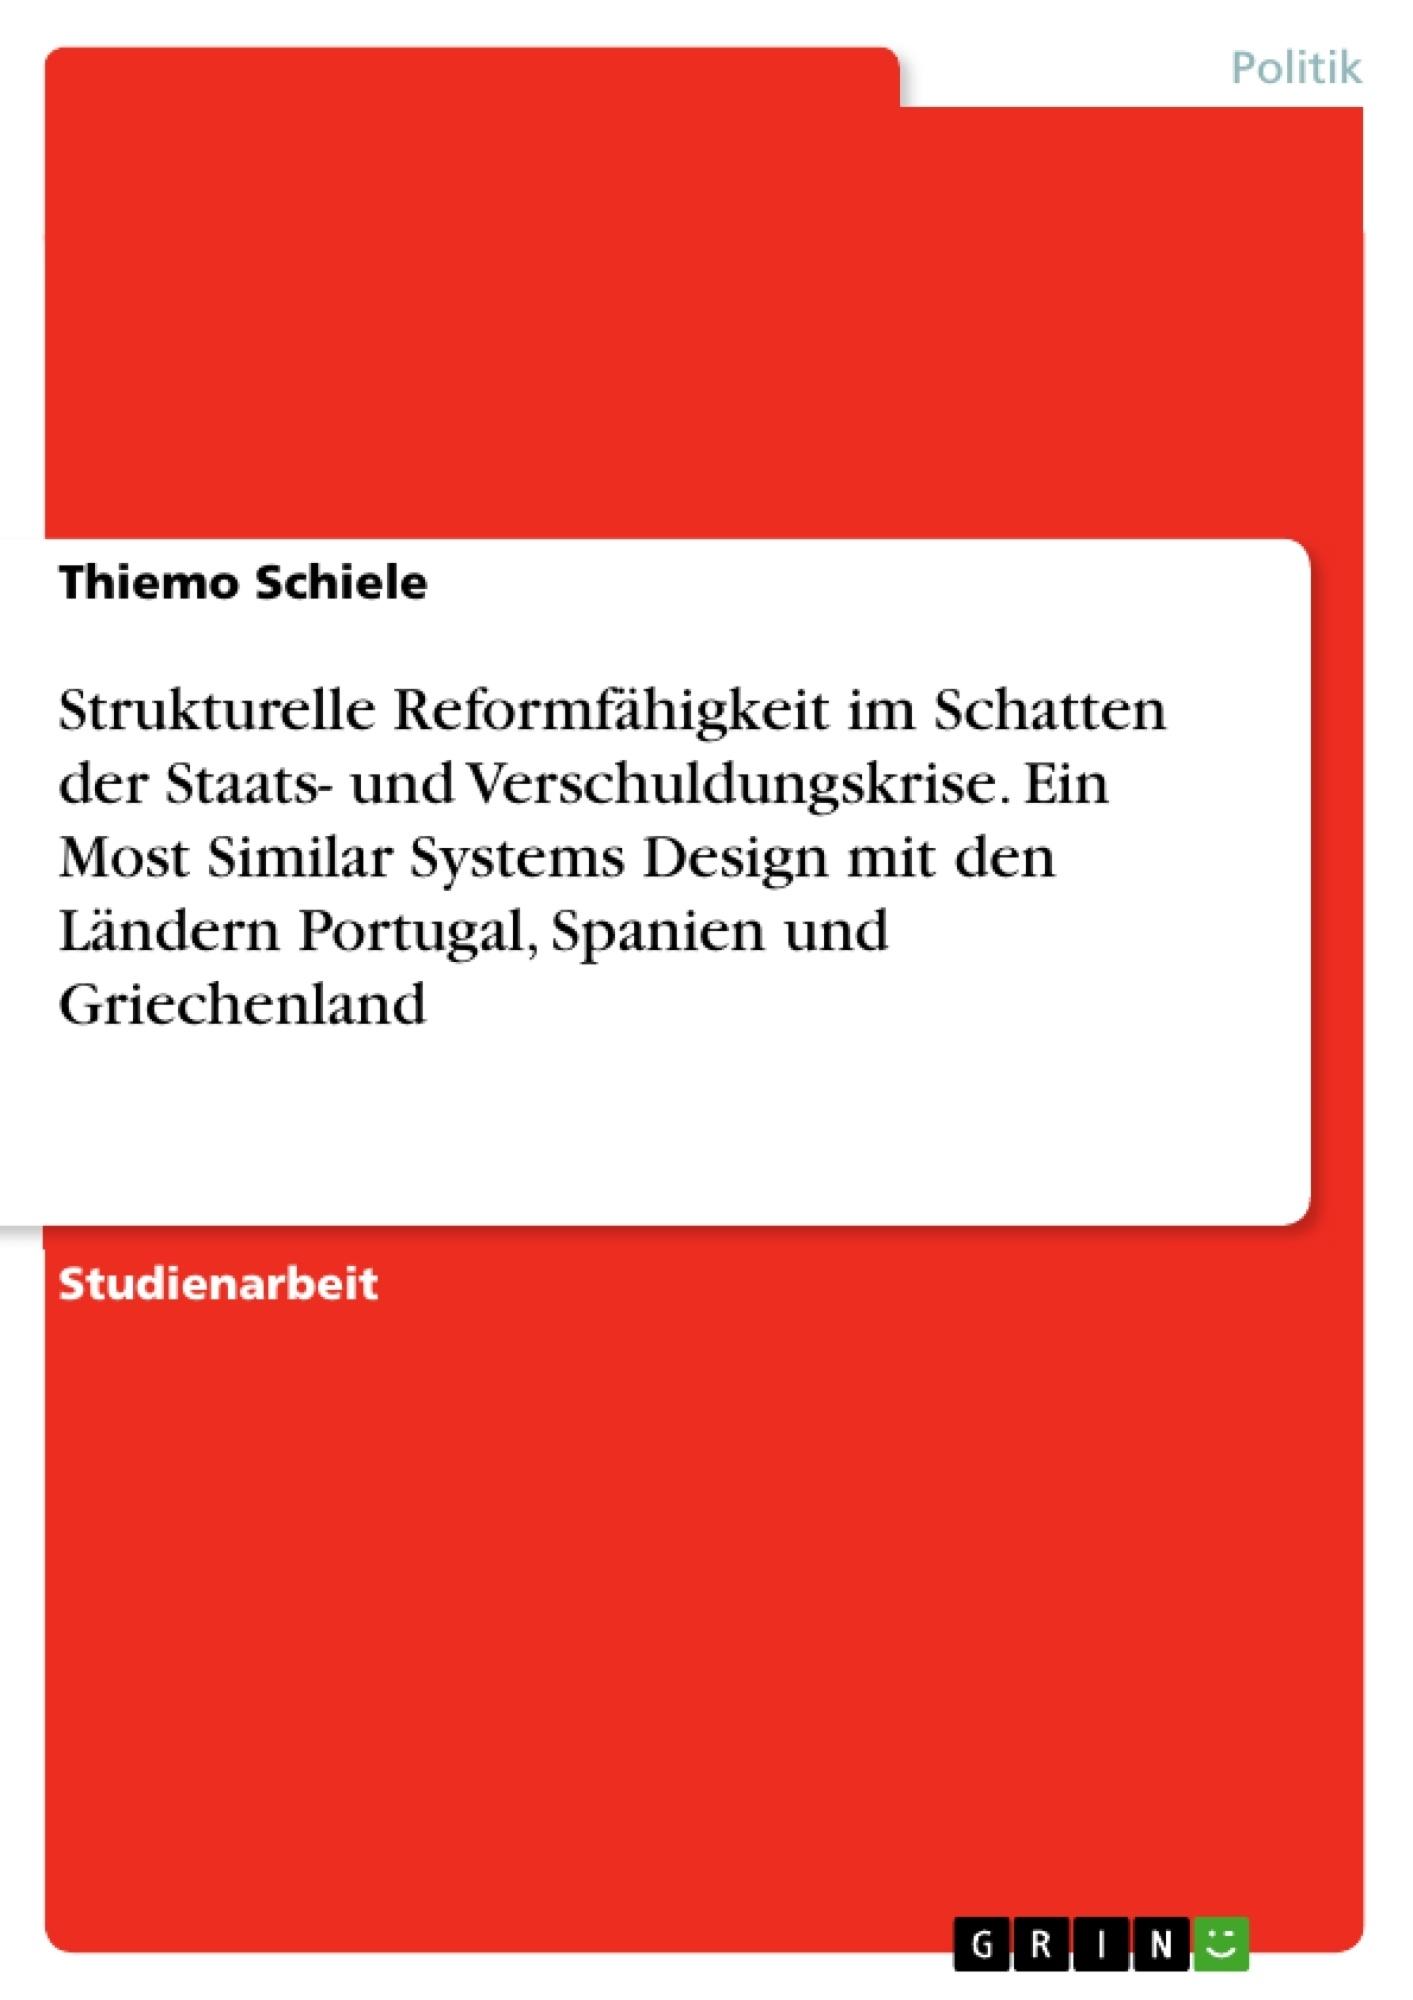 Titel: Strukturelle Reformfähigkeit im Schatten der Staats- und Verschuldungskrise. Ein Most Similar Systems Design mit den Ländern Portugal, Spanien und Griechenland